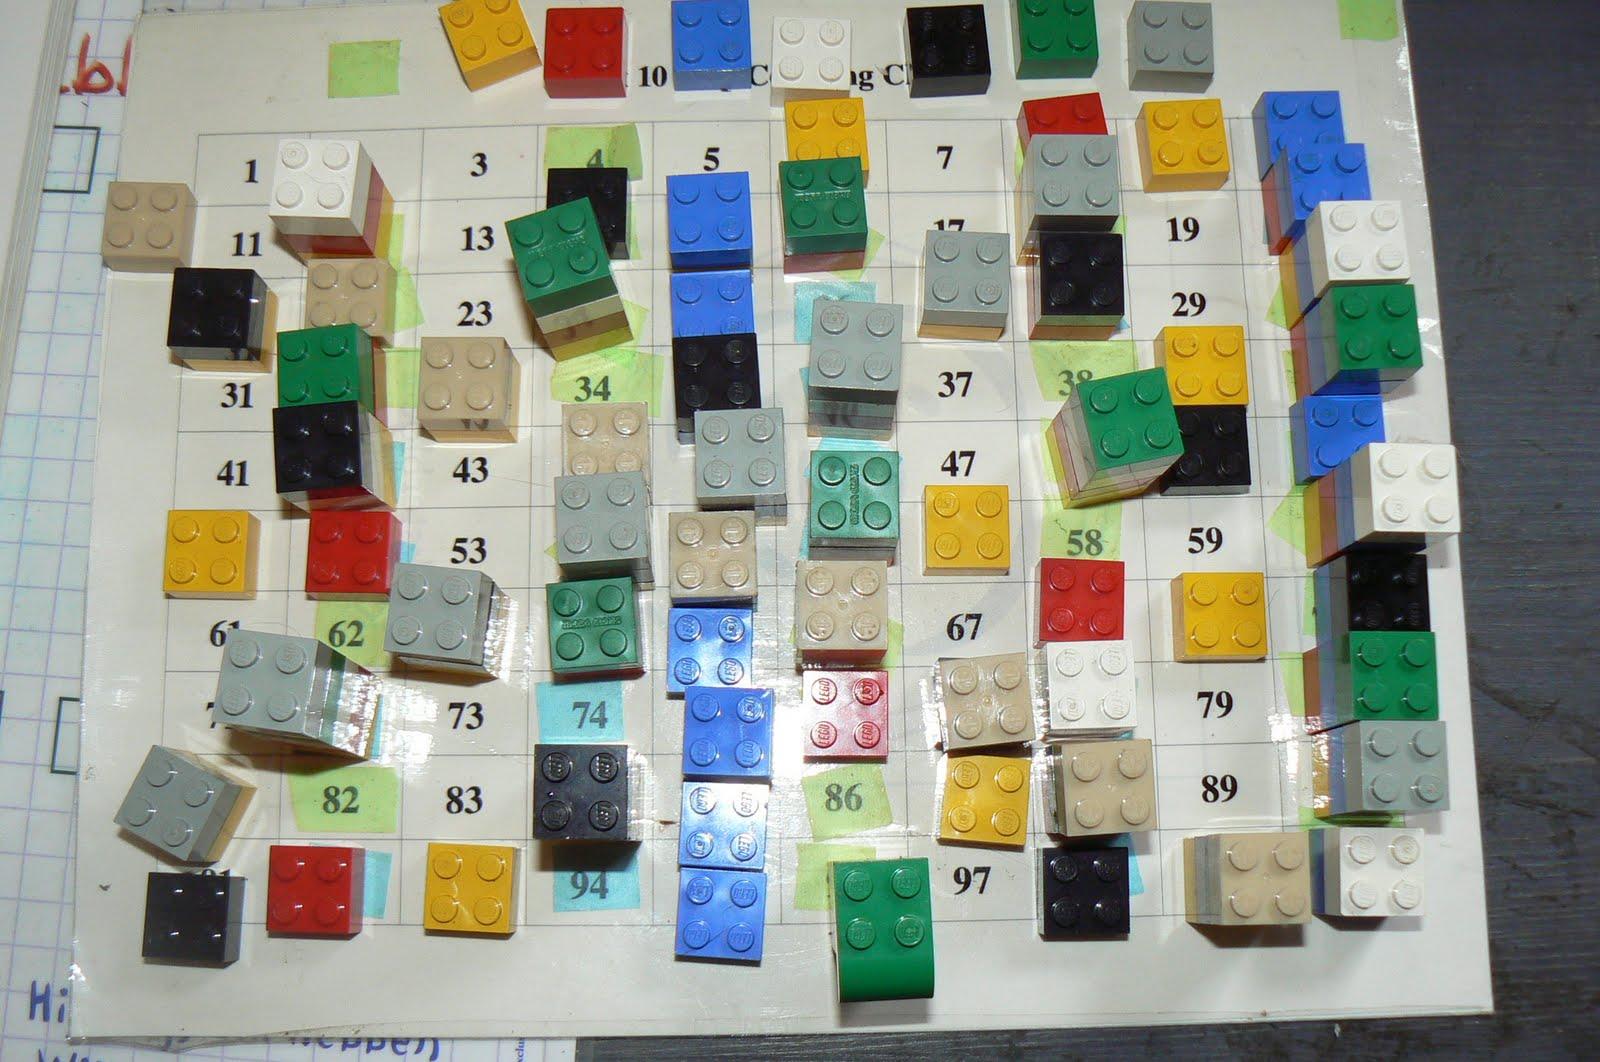 Tabla periodica en material reciclable images periodic table and tabla periodica delos elementos quimicos maqueta choice image tabla periodica en maqueta choice image periodic table urtaz Choice Image